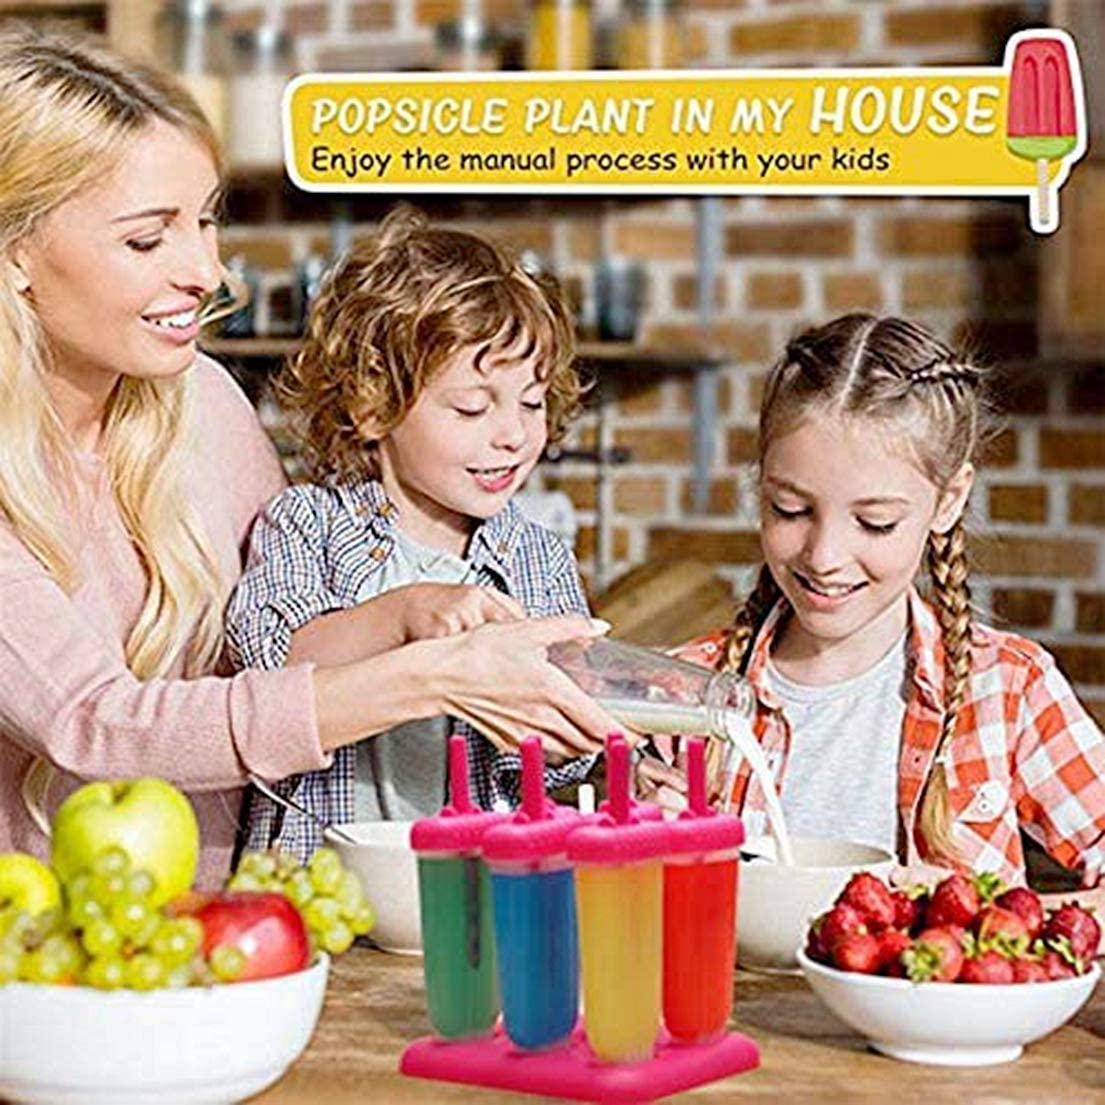 6pcs Popsicle Maker Set moules de moule avec couvercle anti-d/éversement r/éutilisable enfants adultes bricolage Popsicle rouge